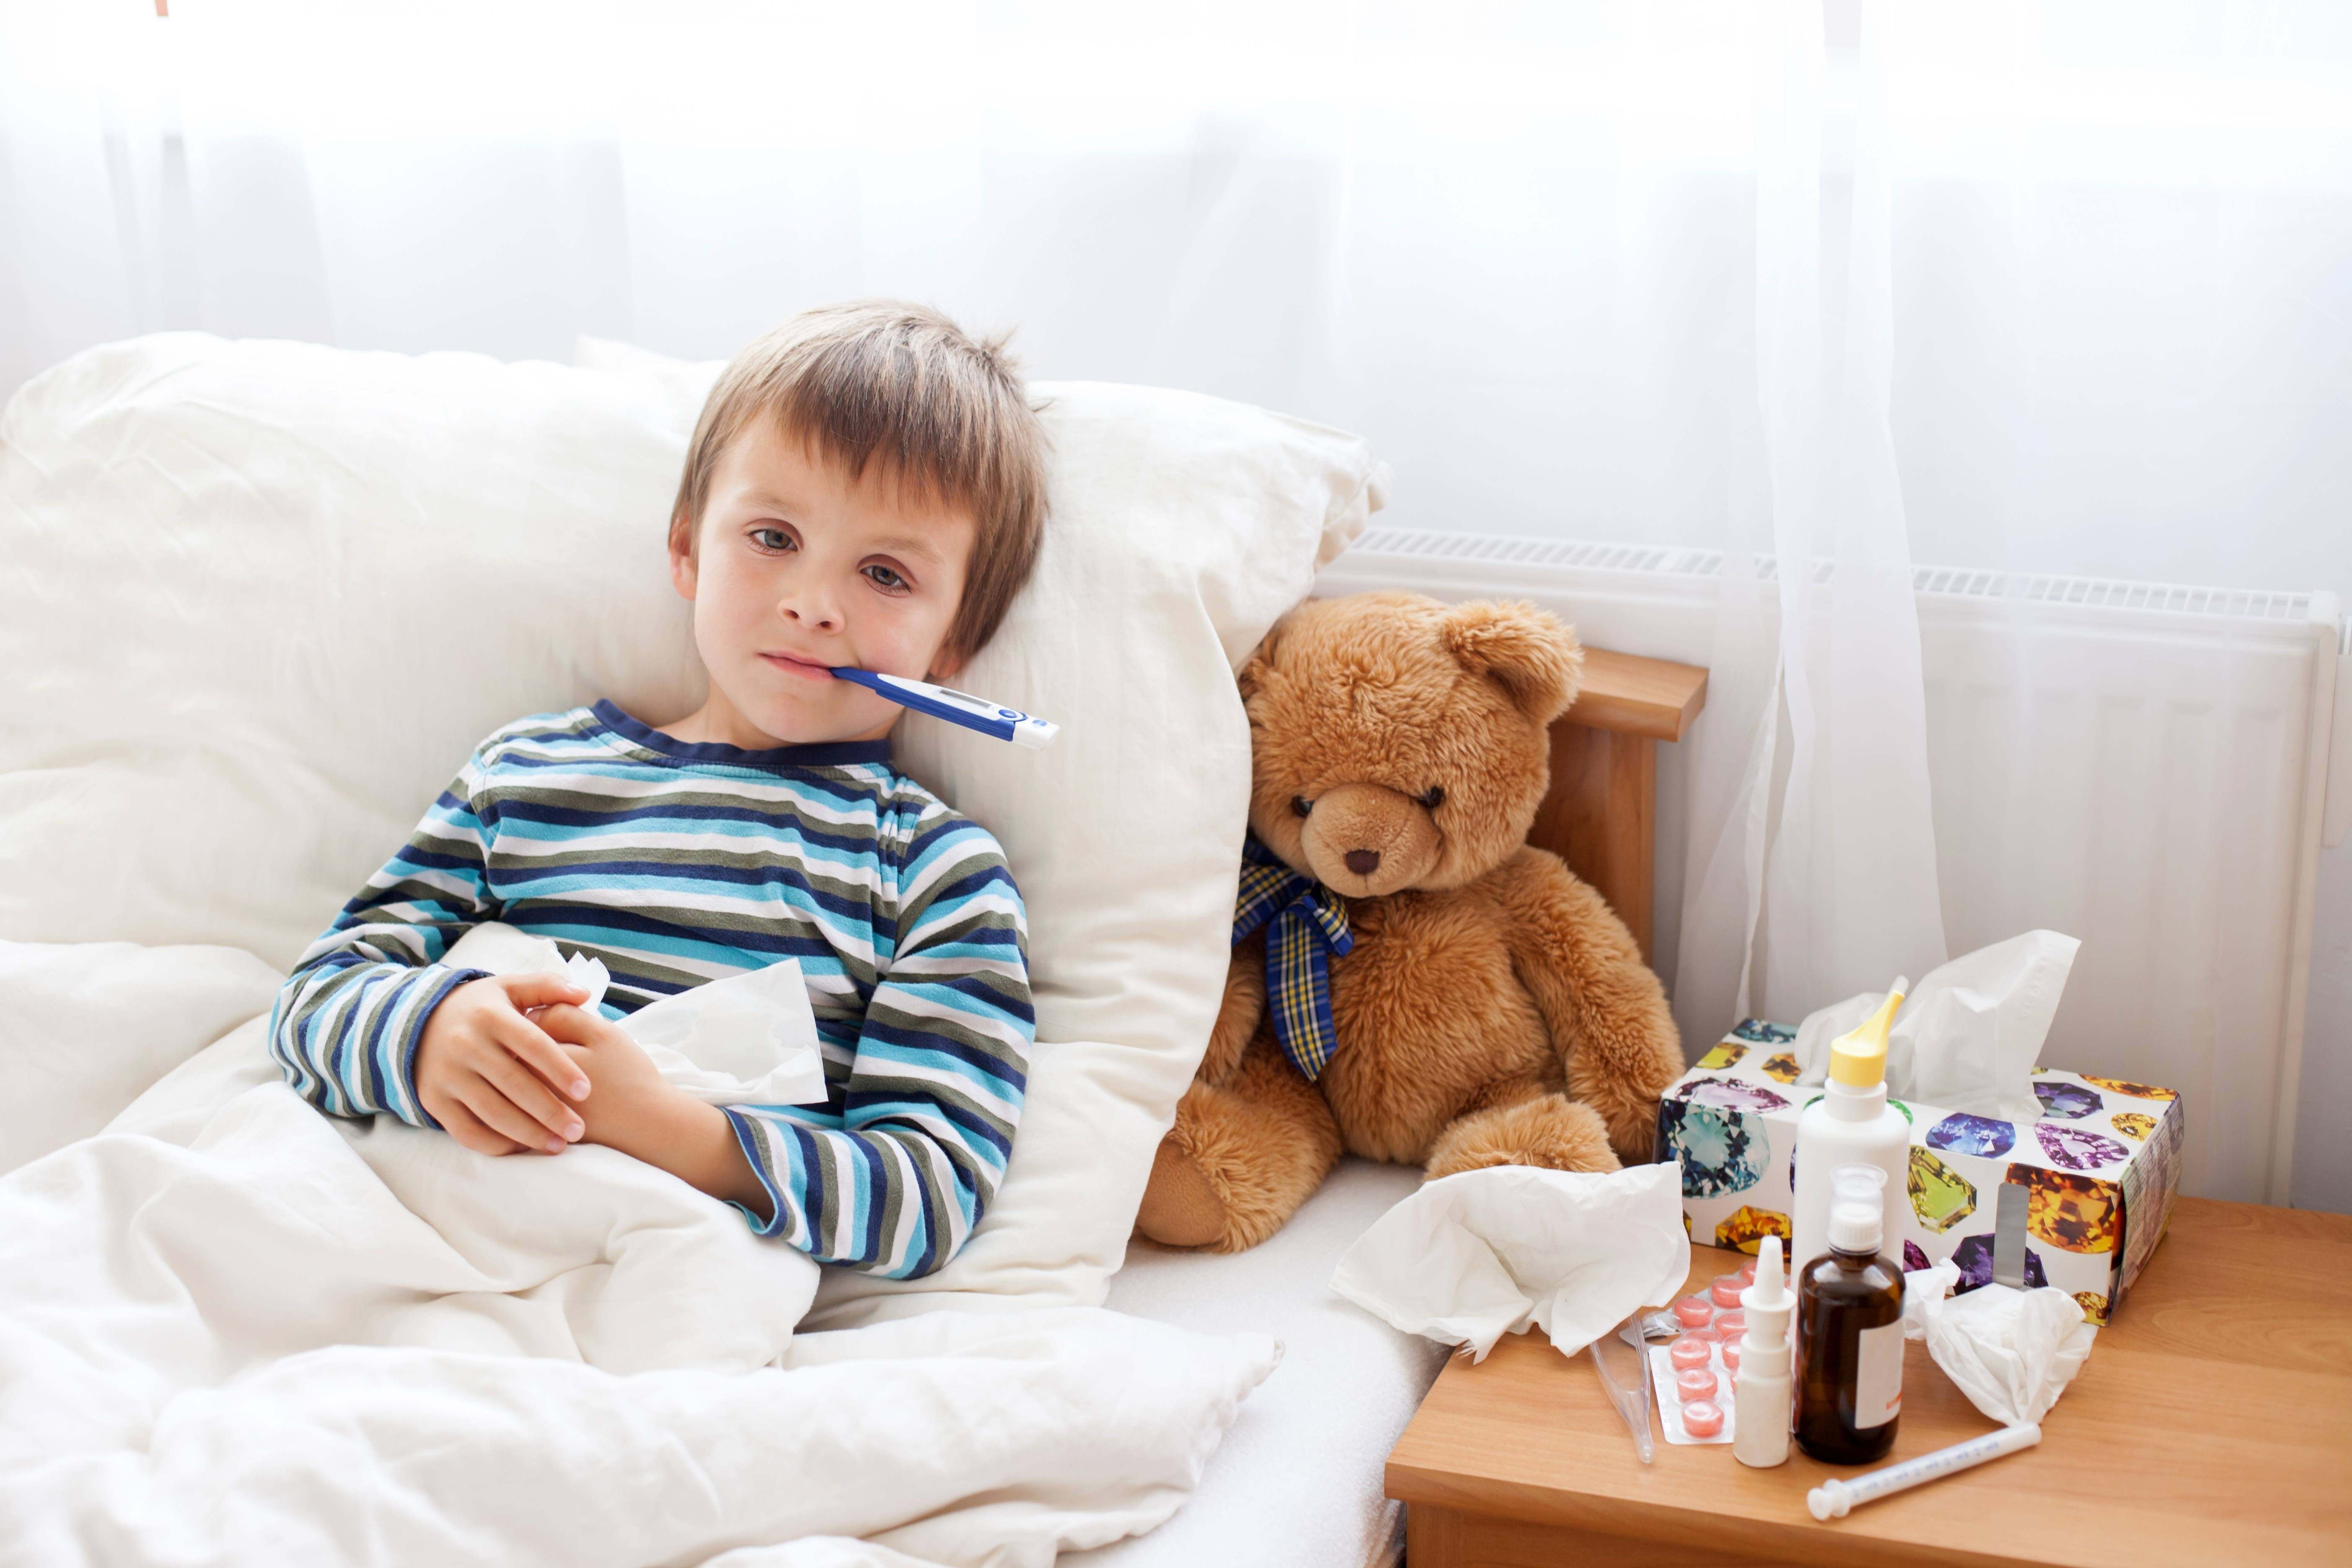 Burnu Tıkalı Bebeğinizin Nefes Almasına Yardımcı Olmanın 8 Yolu